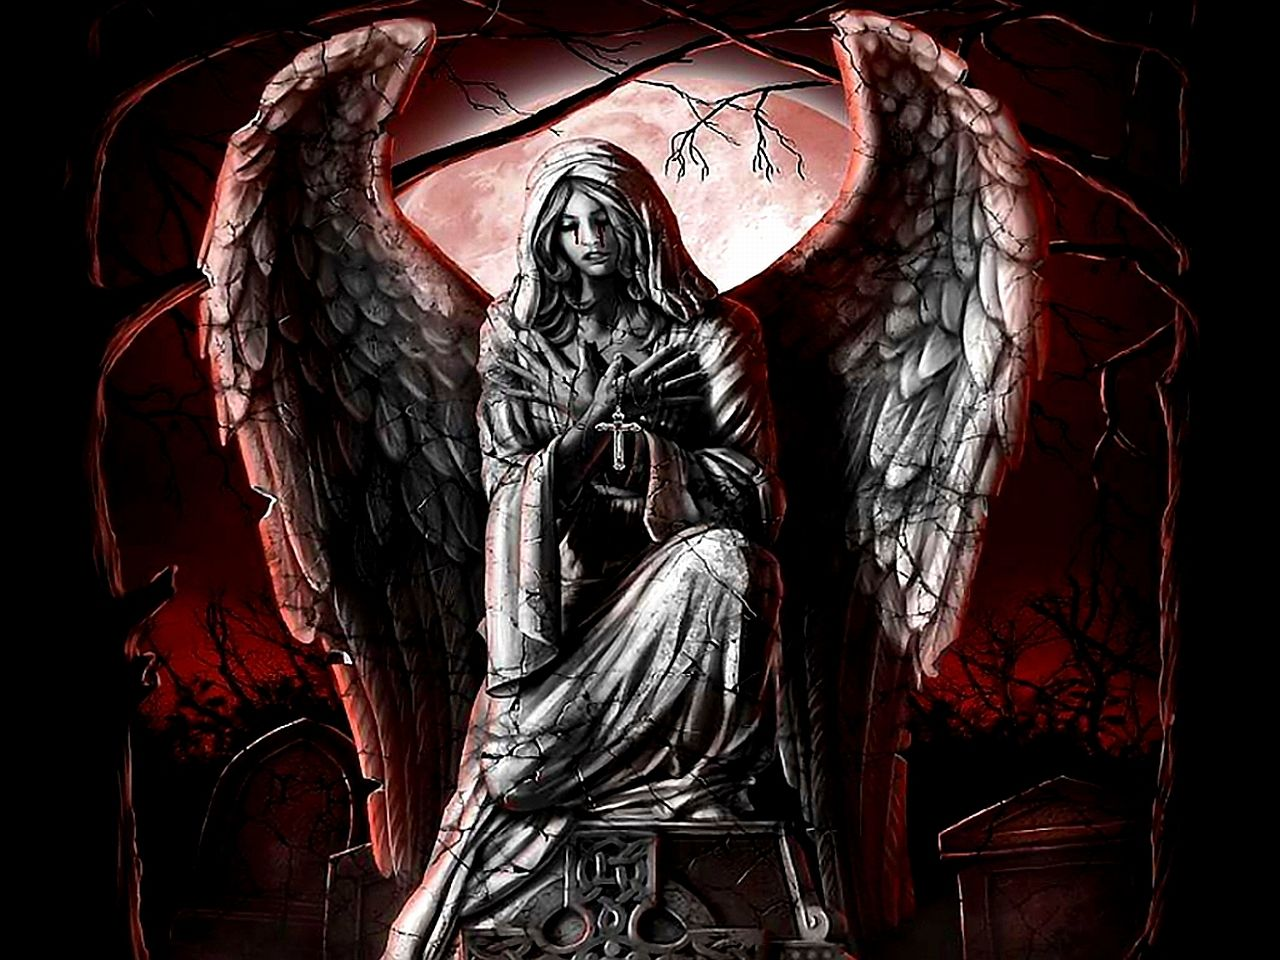 для картинки про падшего ангела зачепиловский